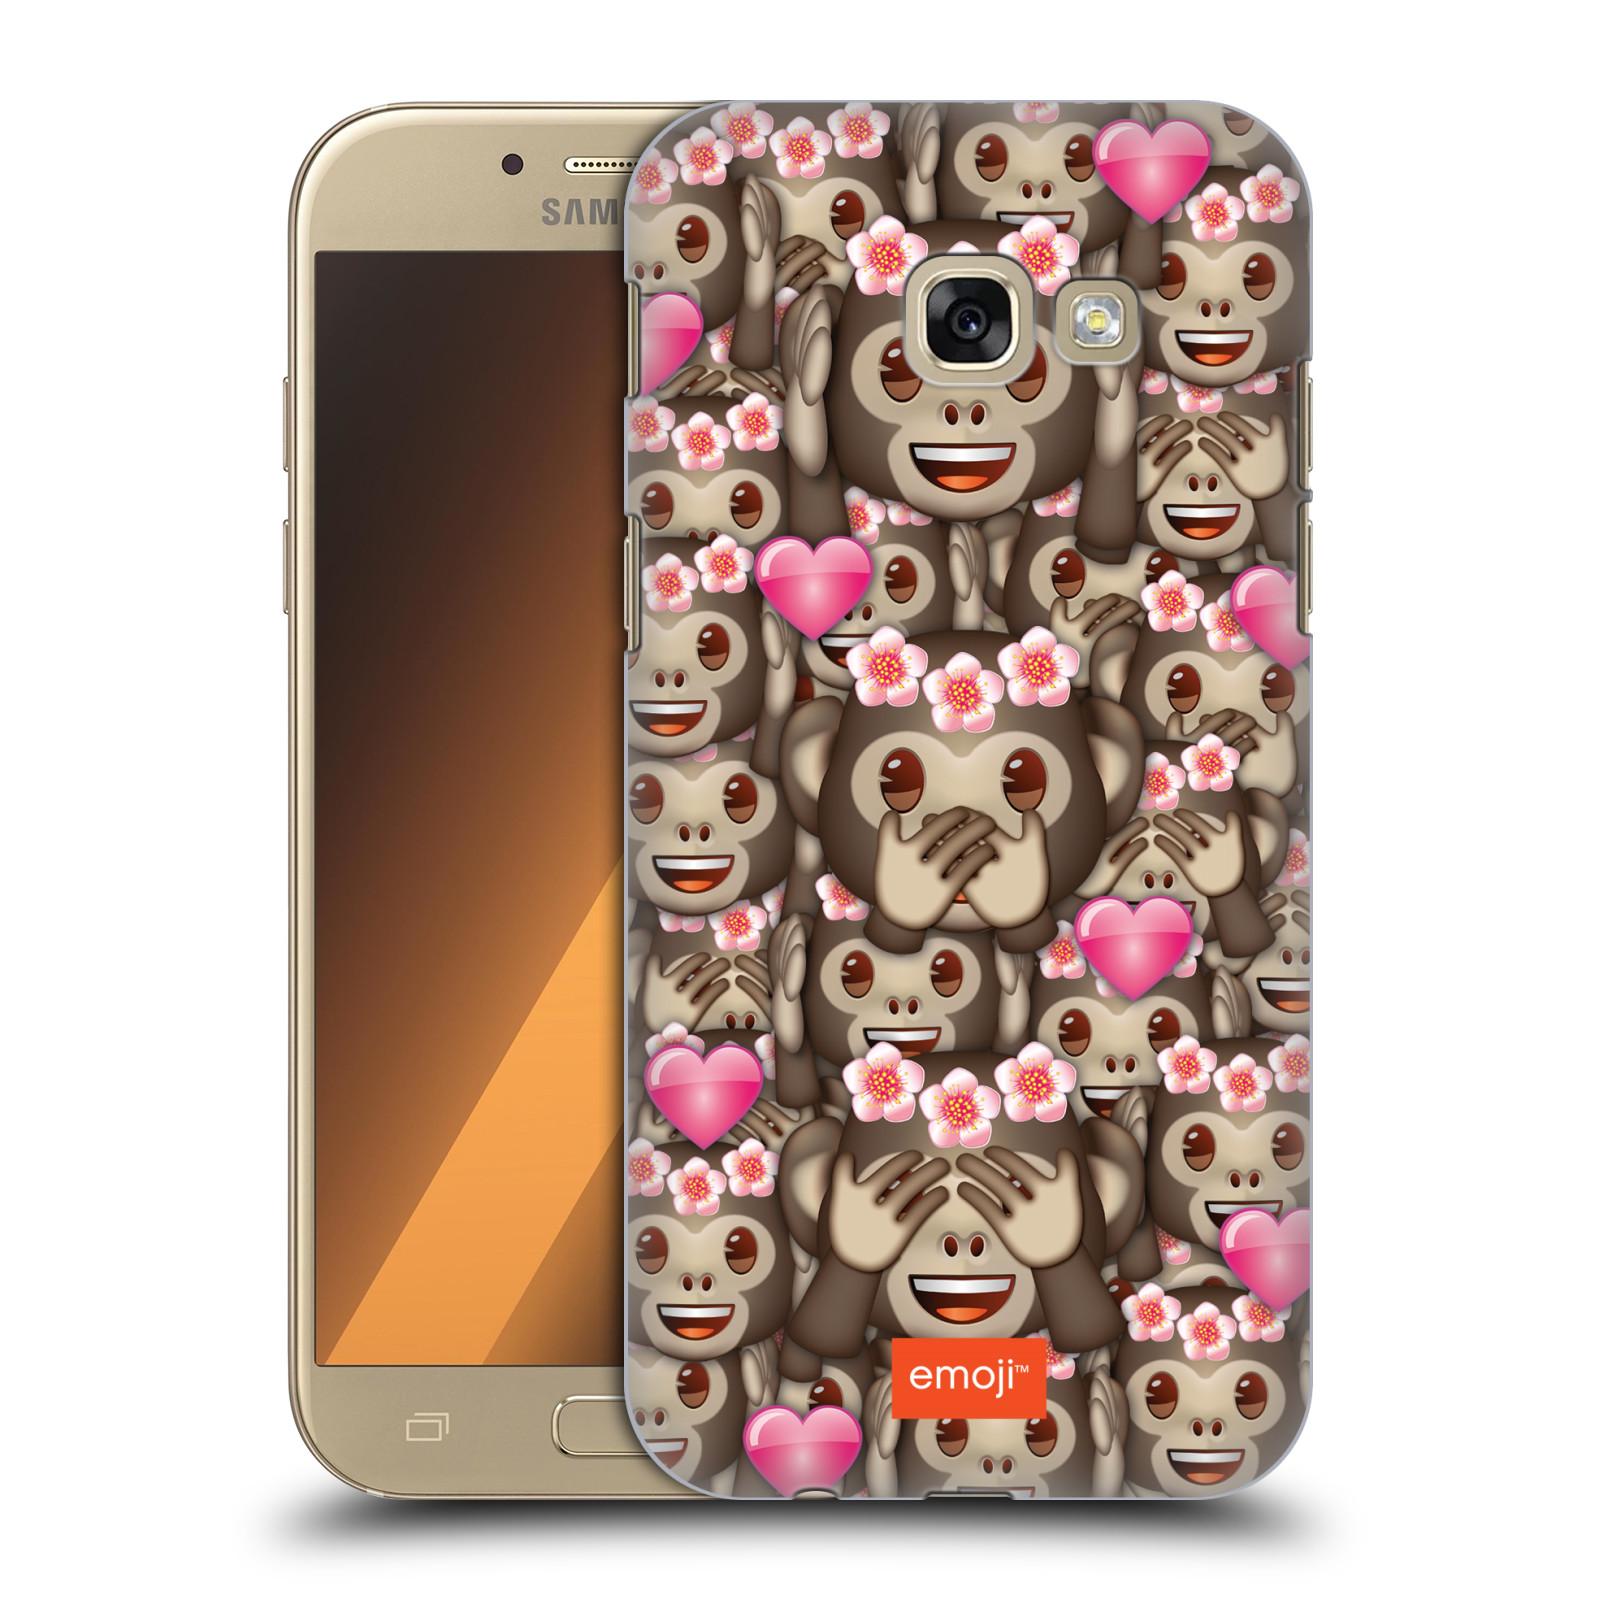 Plastové pouzdro na mobil Samsung Galaxy A5 (2017) HEAD CASE EMOJI - Opičky, srdíčka a kytičky